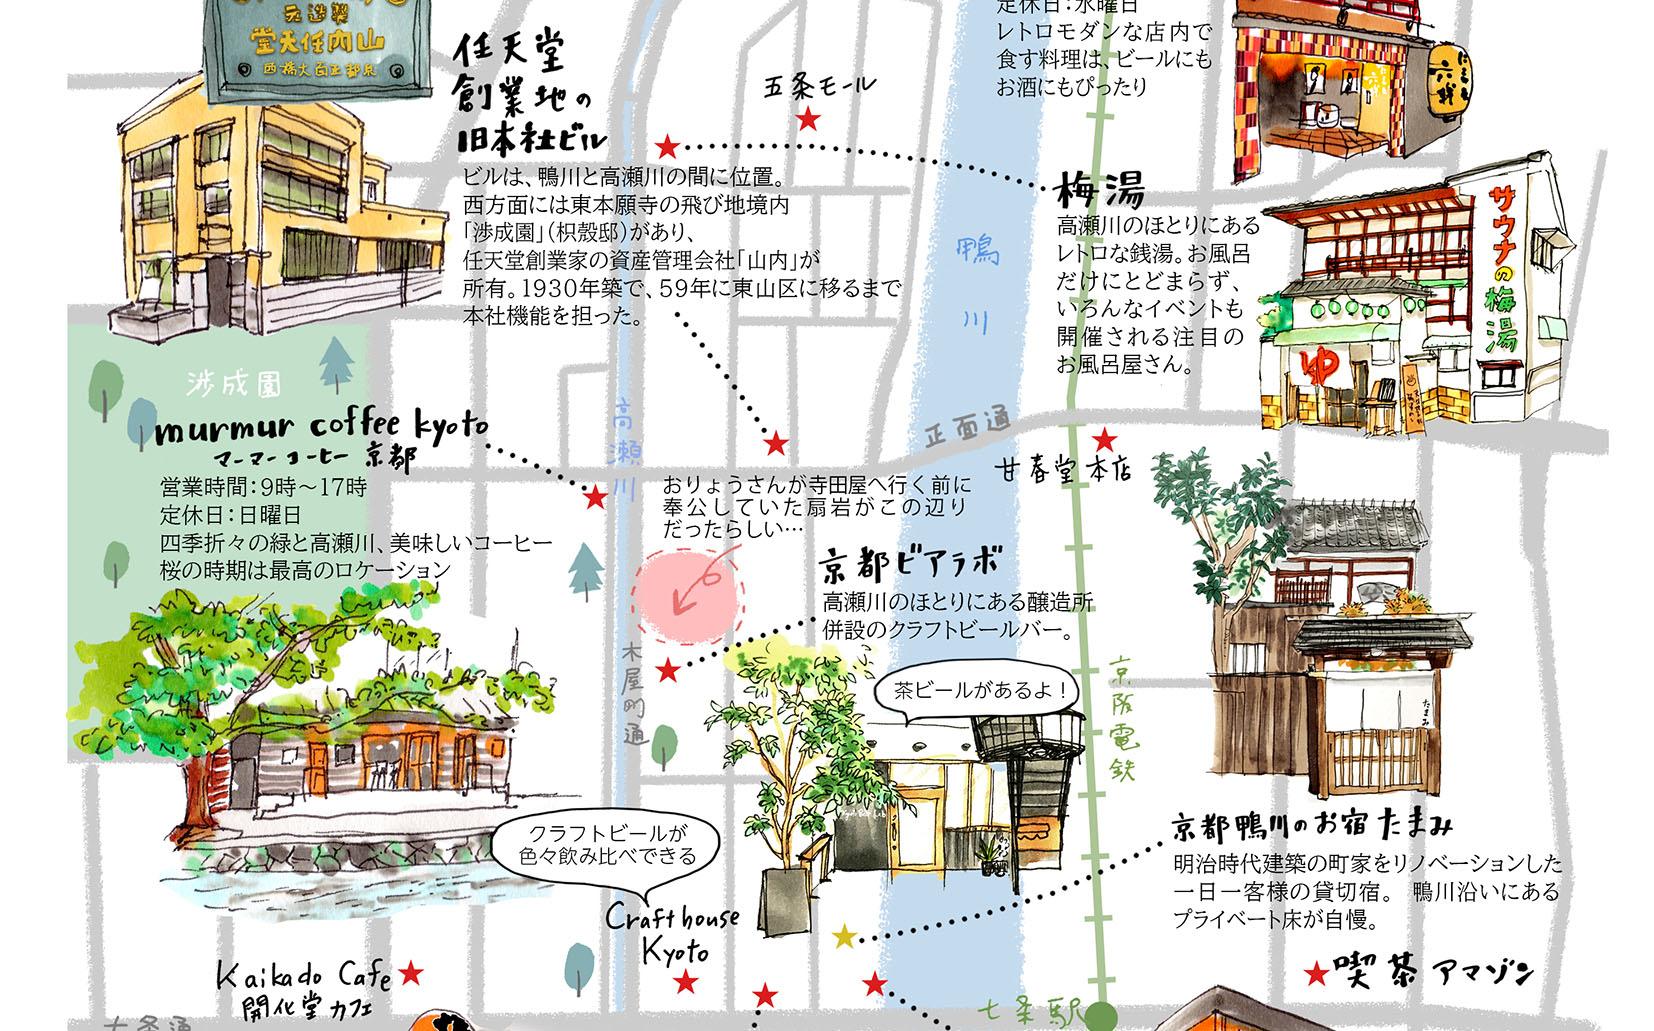 たまみ様_お宿周辺散策マップ_菊浜学区